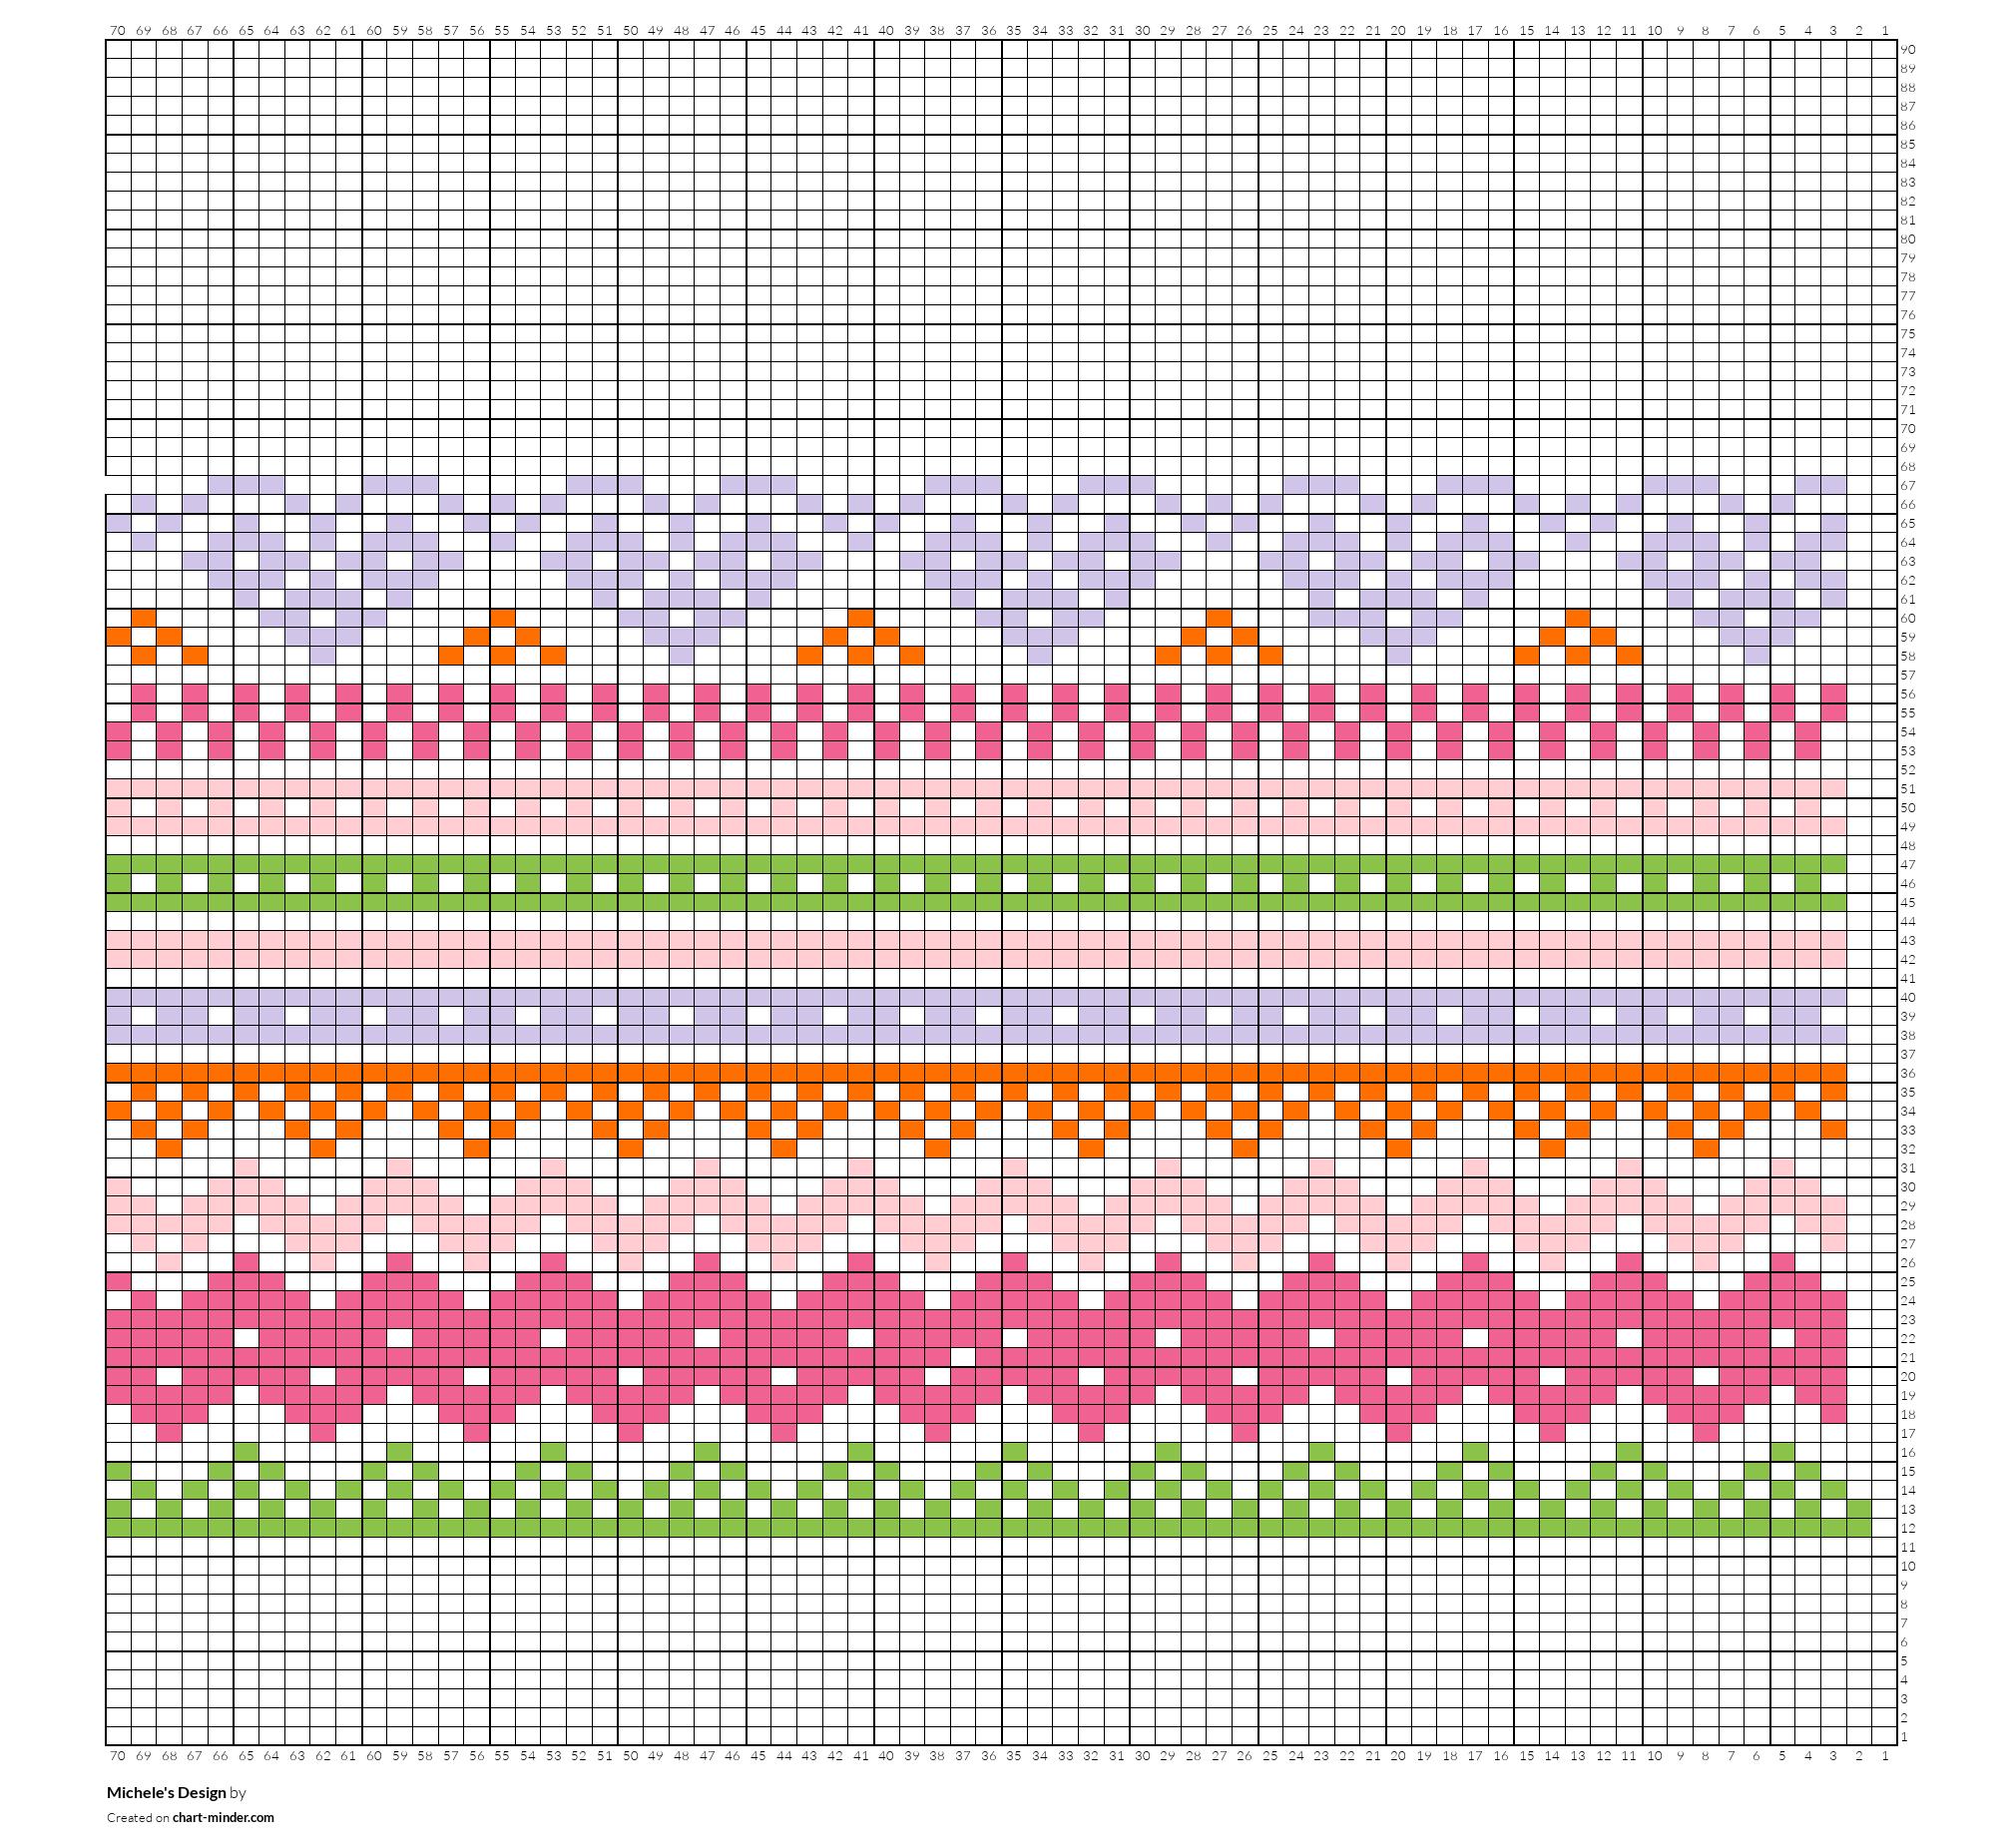 Michele's Design